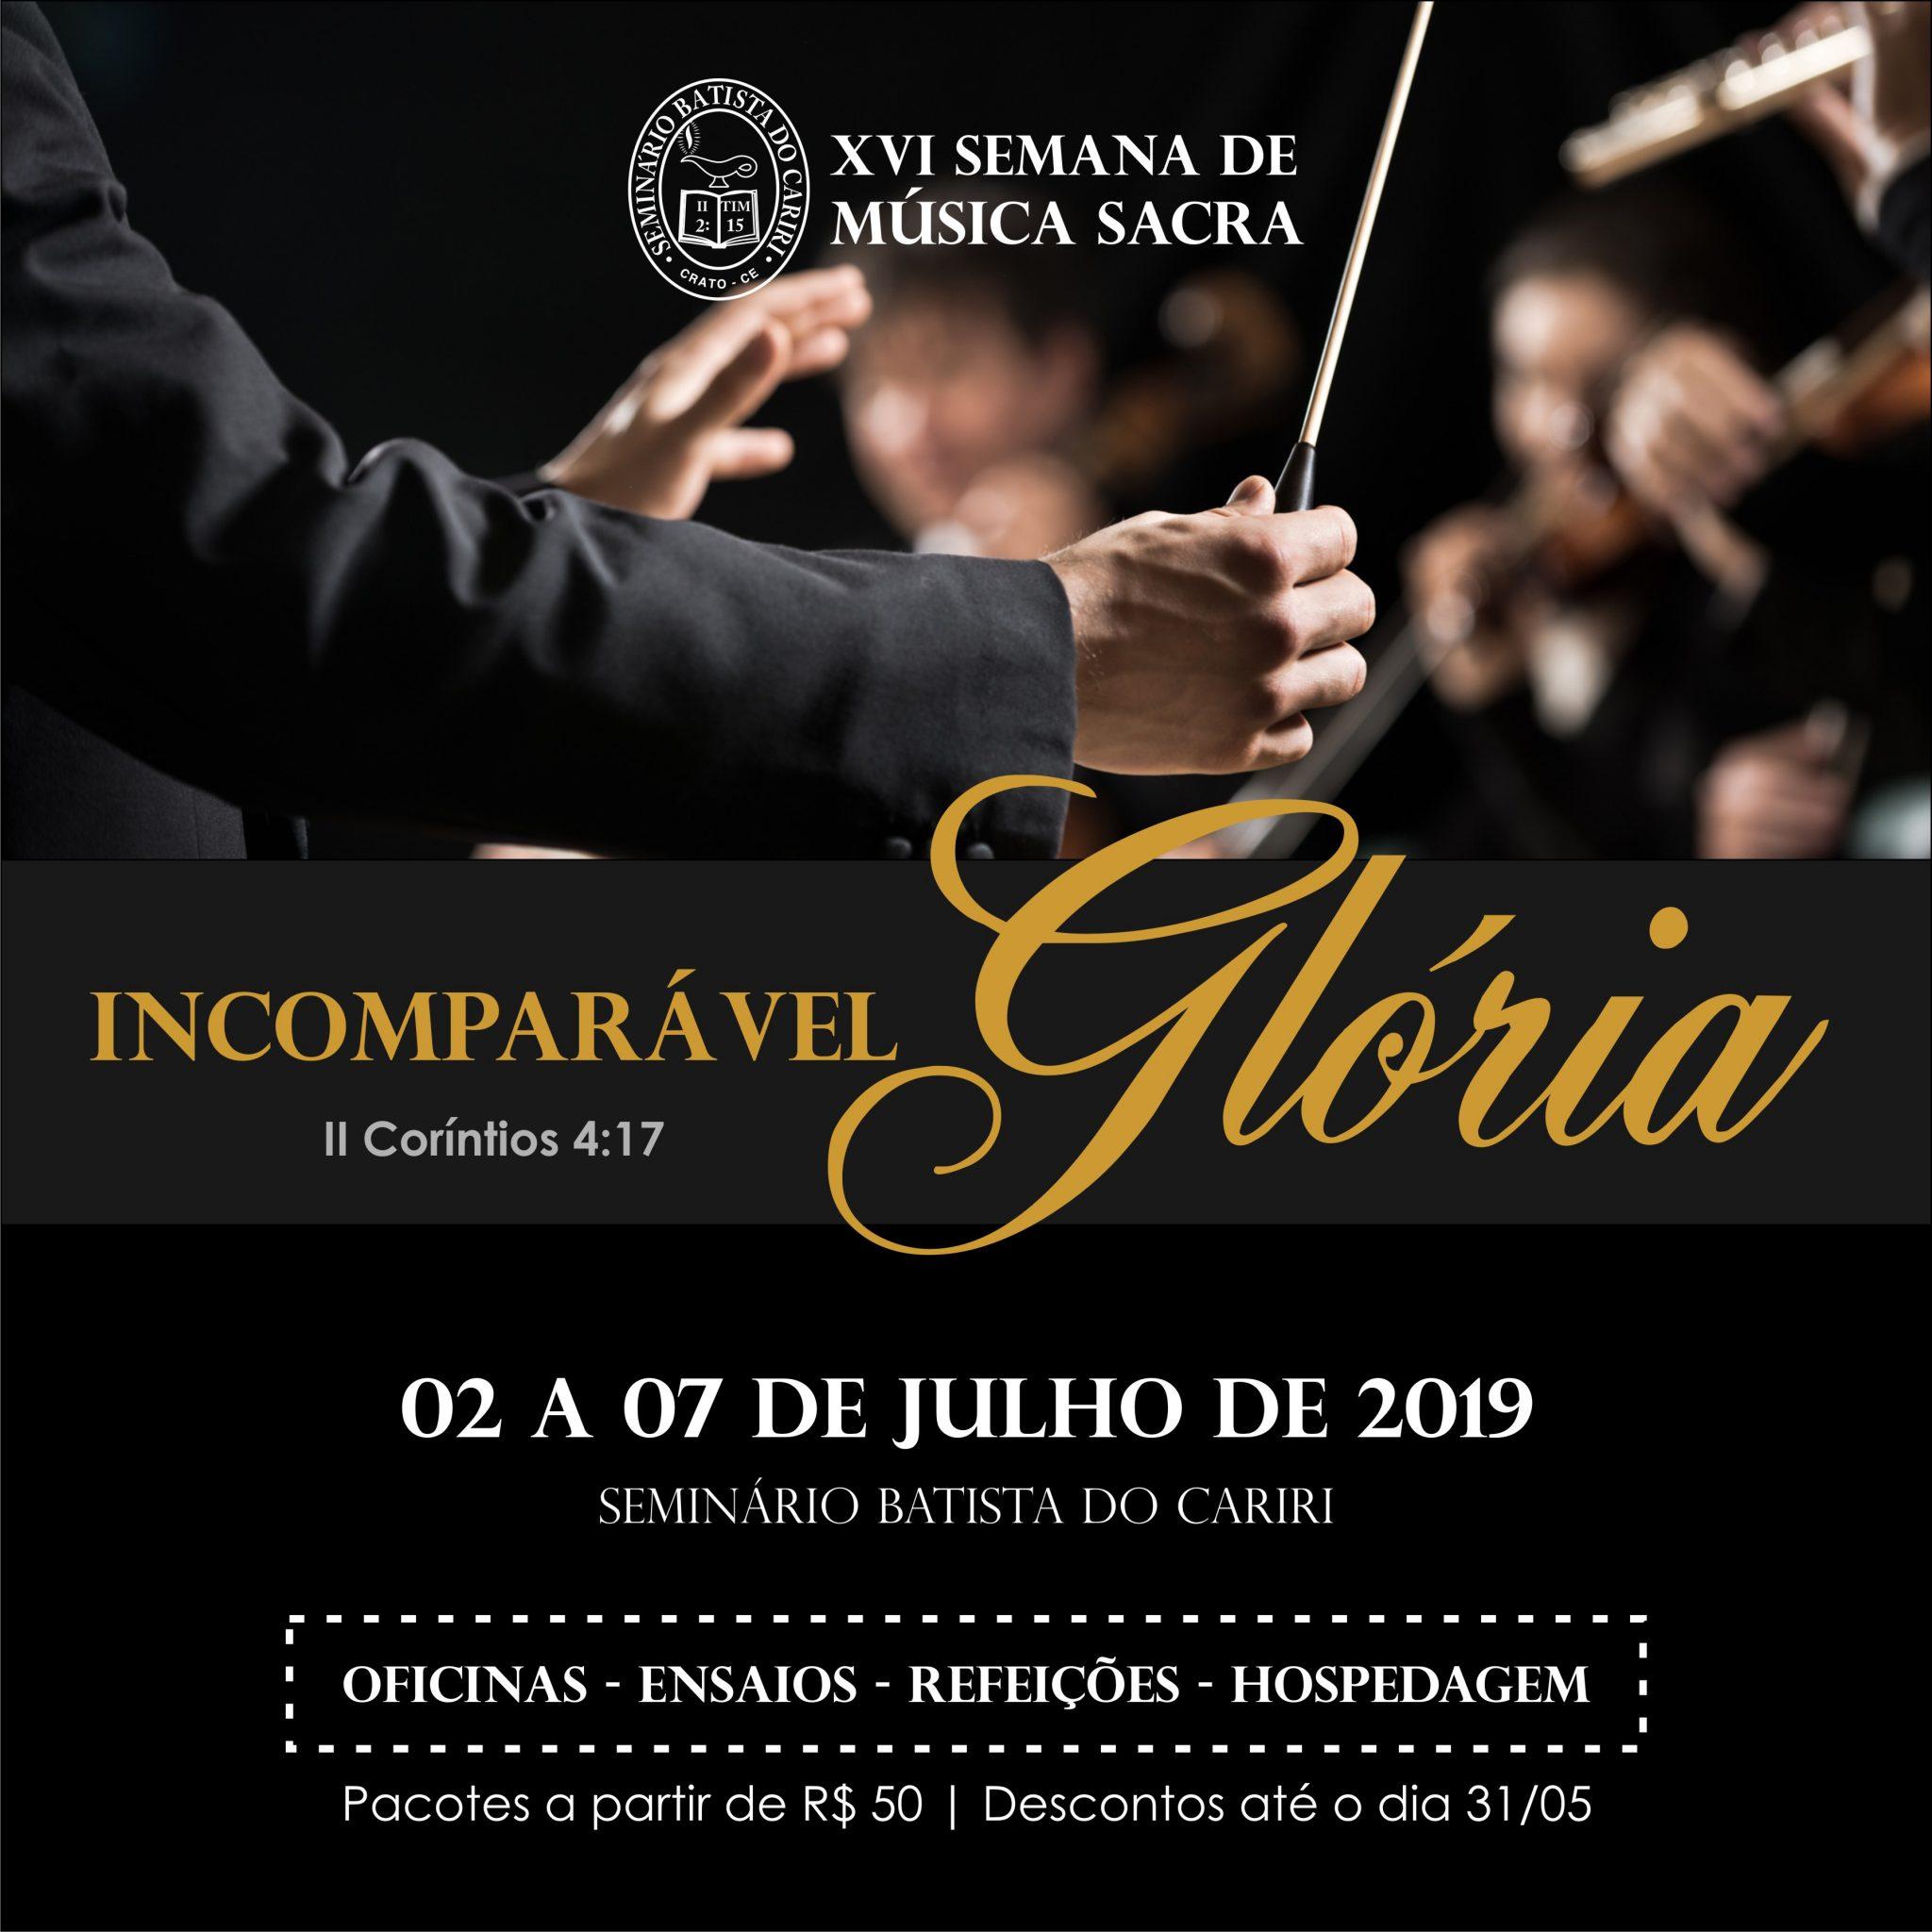 16º semana de música sacra incomparável gloria 2 a 7 de julho de 2019 seminário batista do cariri